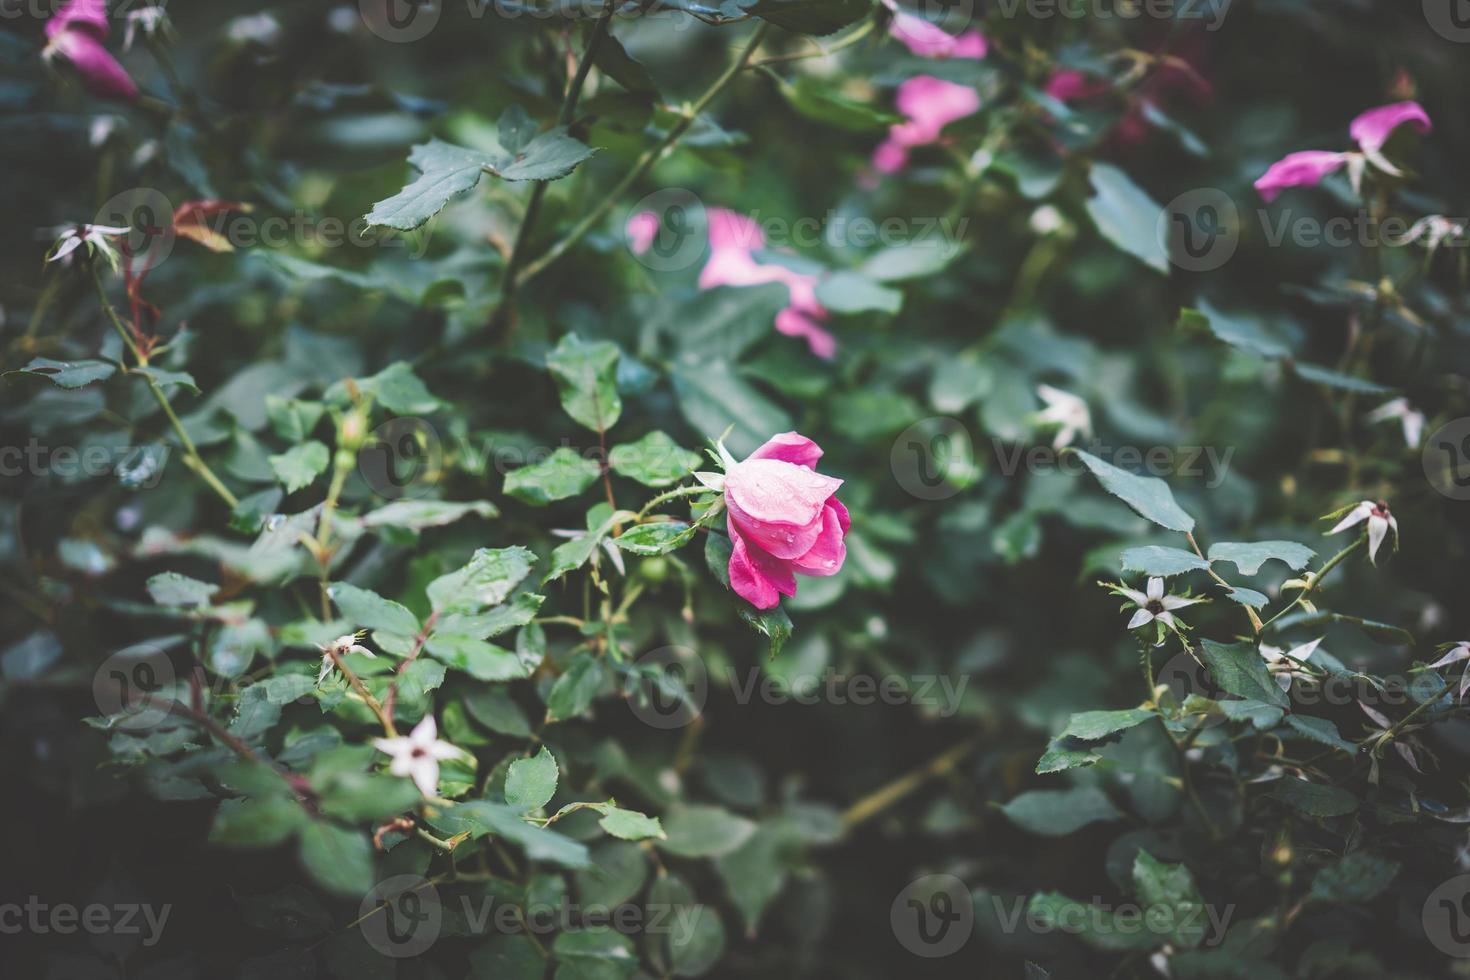 pequena rosa rosa cercada por folhagens foto